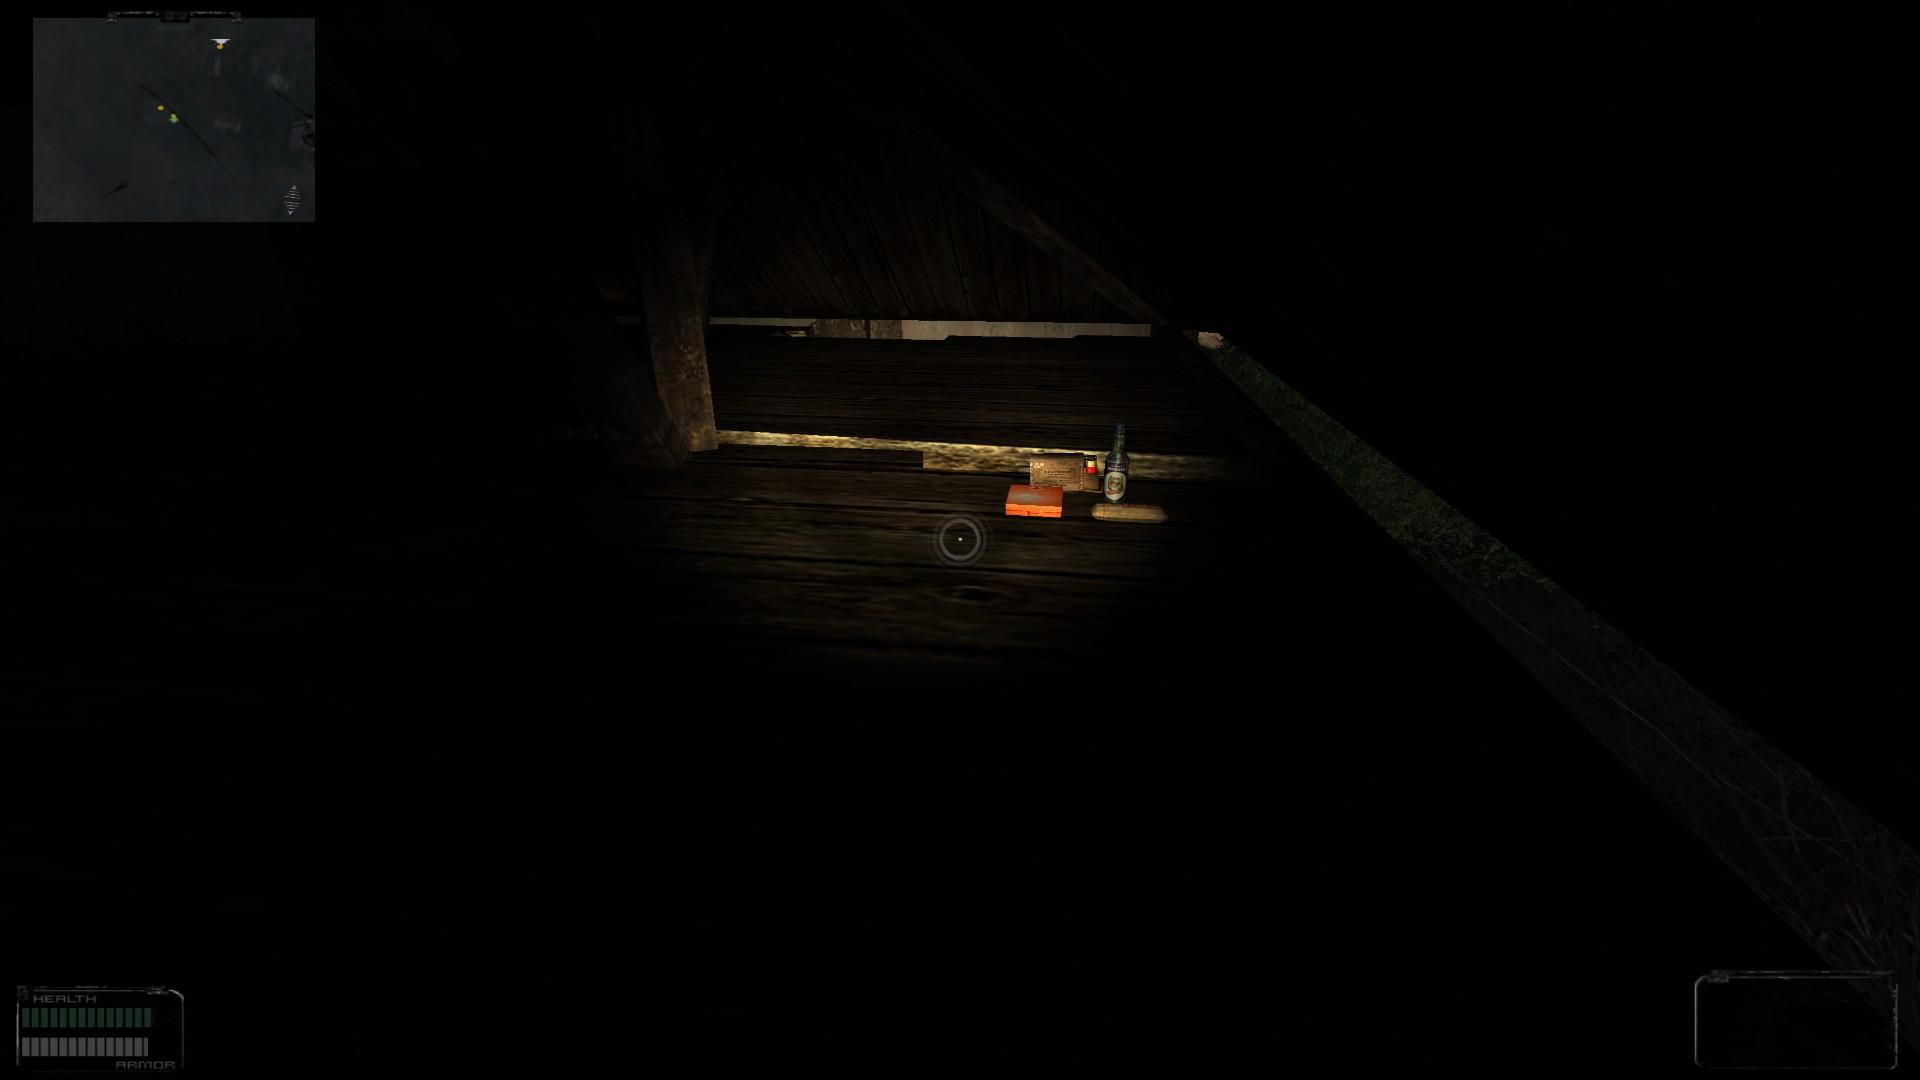 Oblivion Lost Remake 2.5 image 18